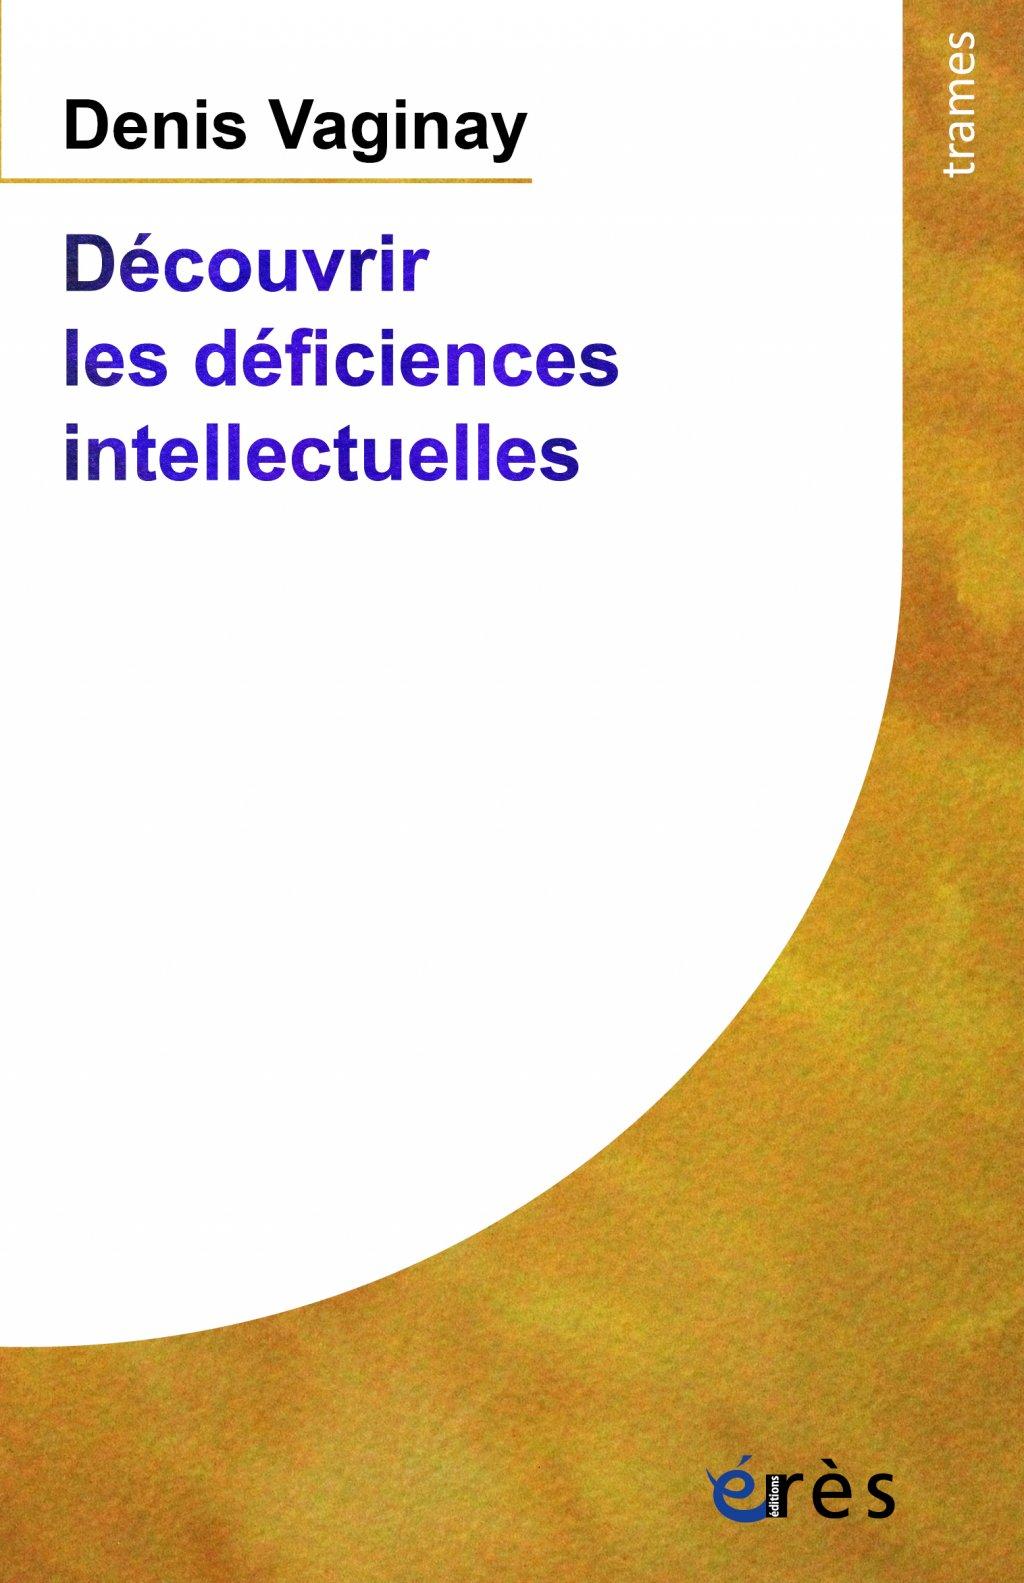 Découvrir les déficiences intellectuelles - nouveauté aux édition Erès